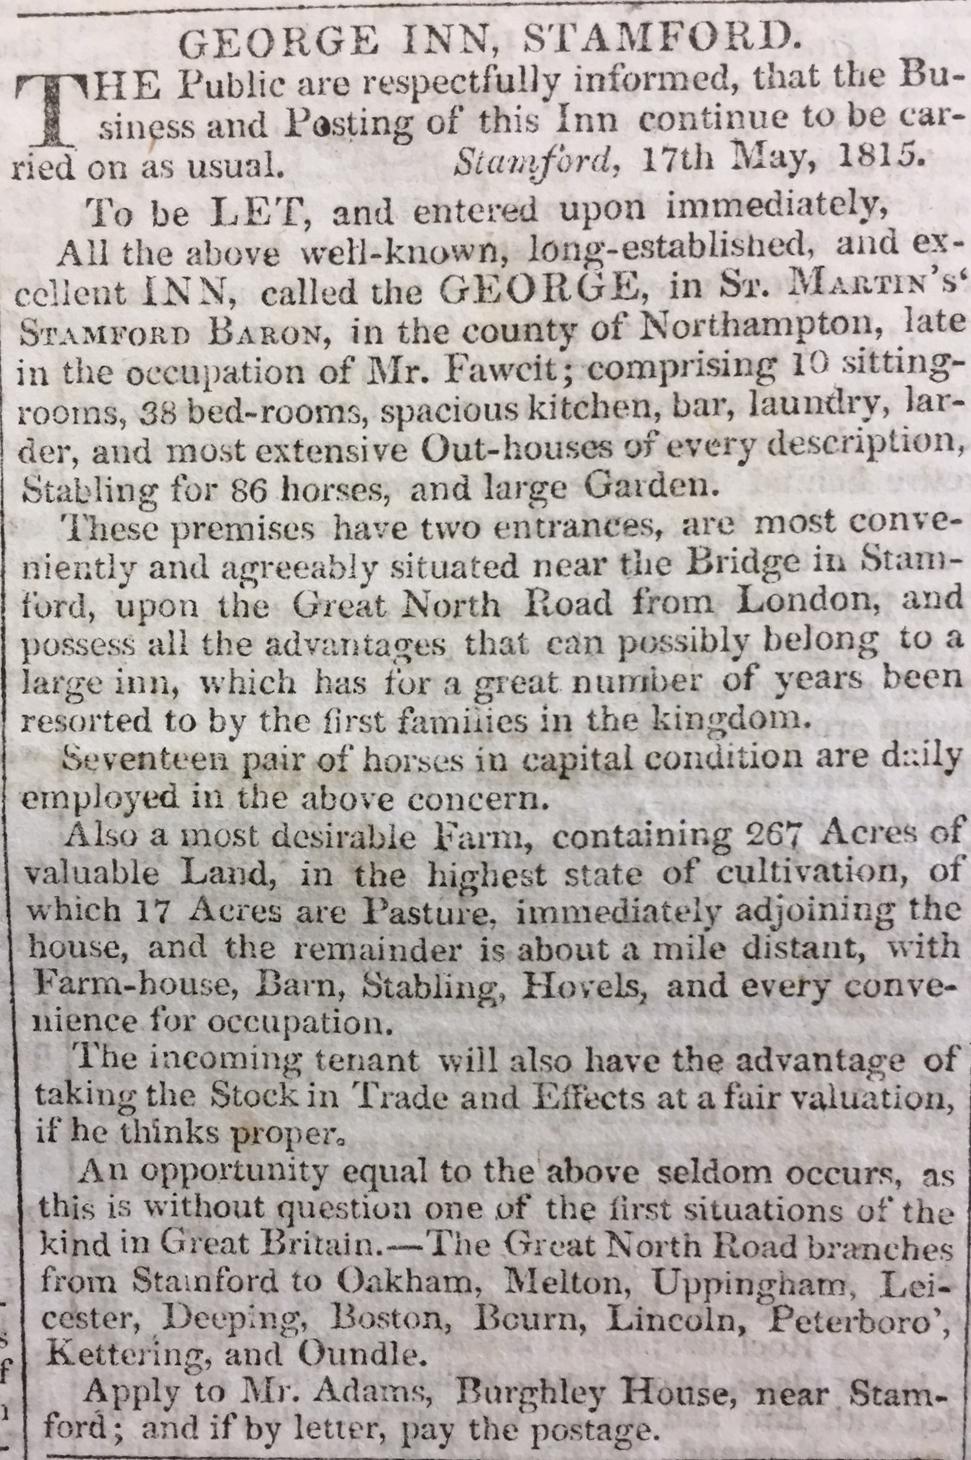 George Inn, Stamford